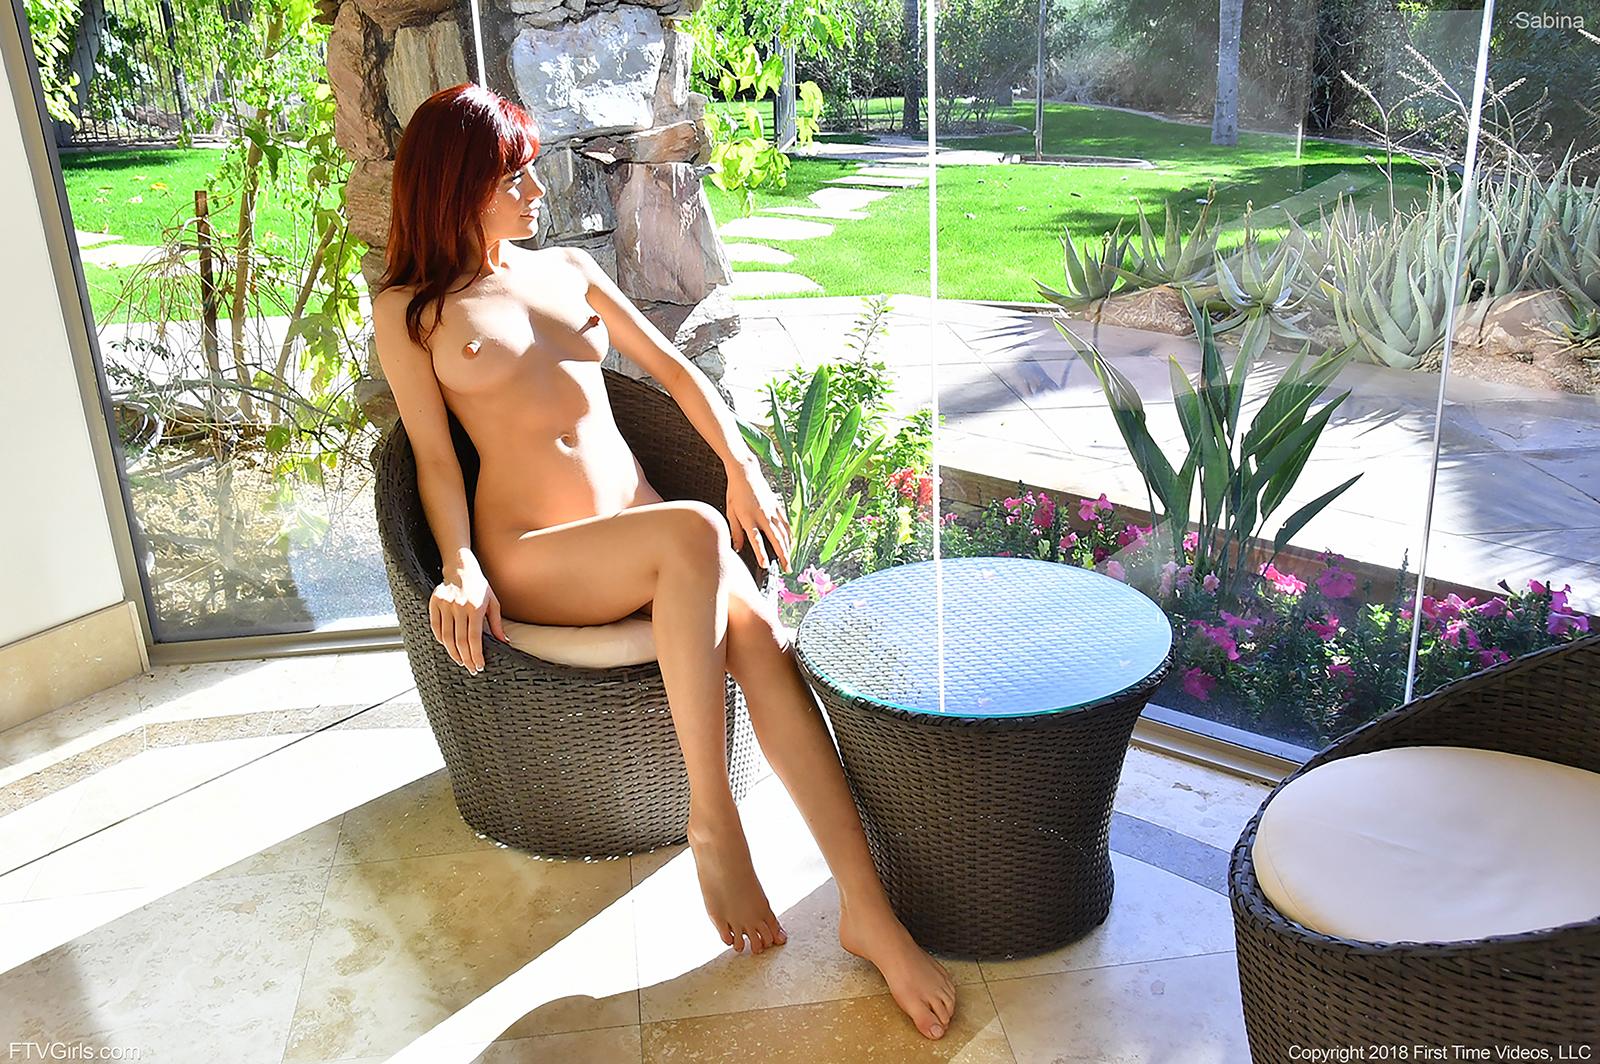 http://content9.novoglam.com/ftvgirls.com/6570/07.jpg